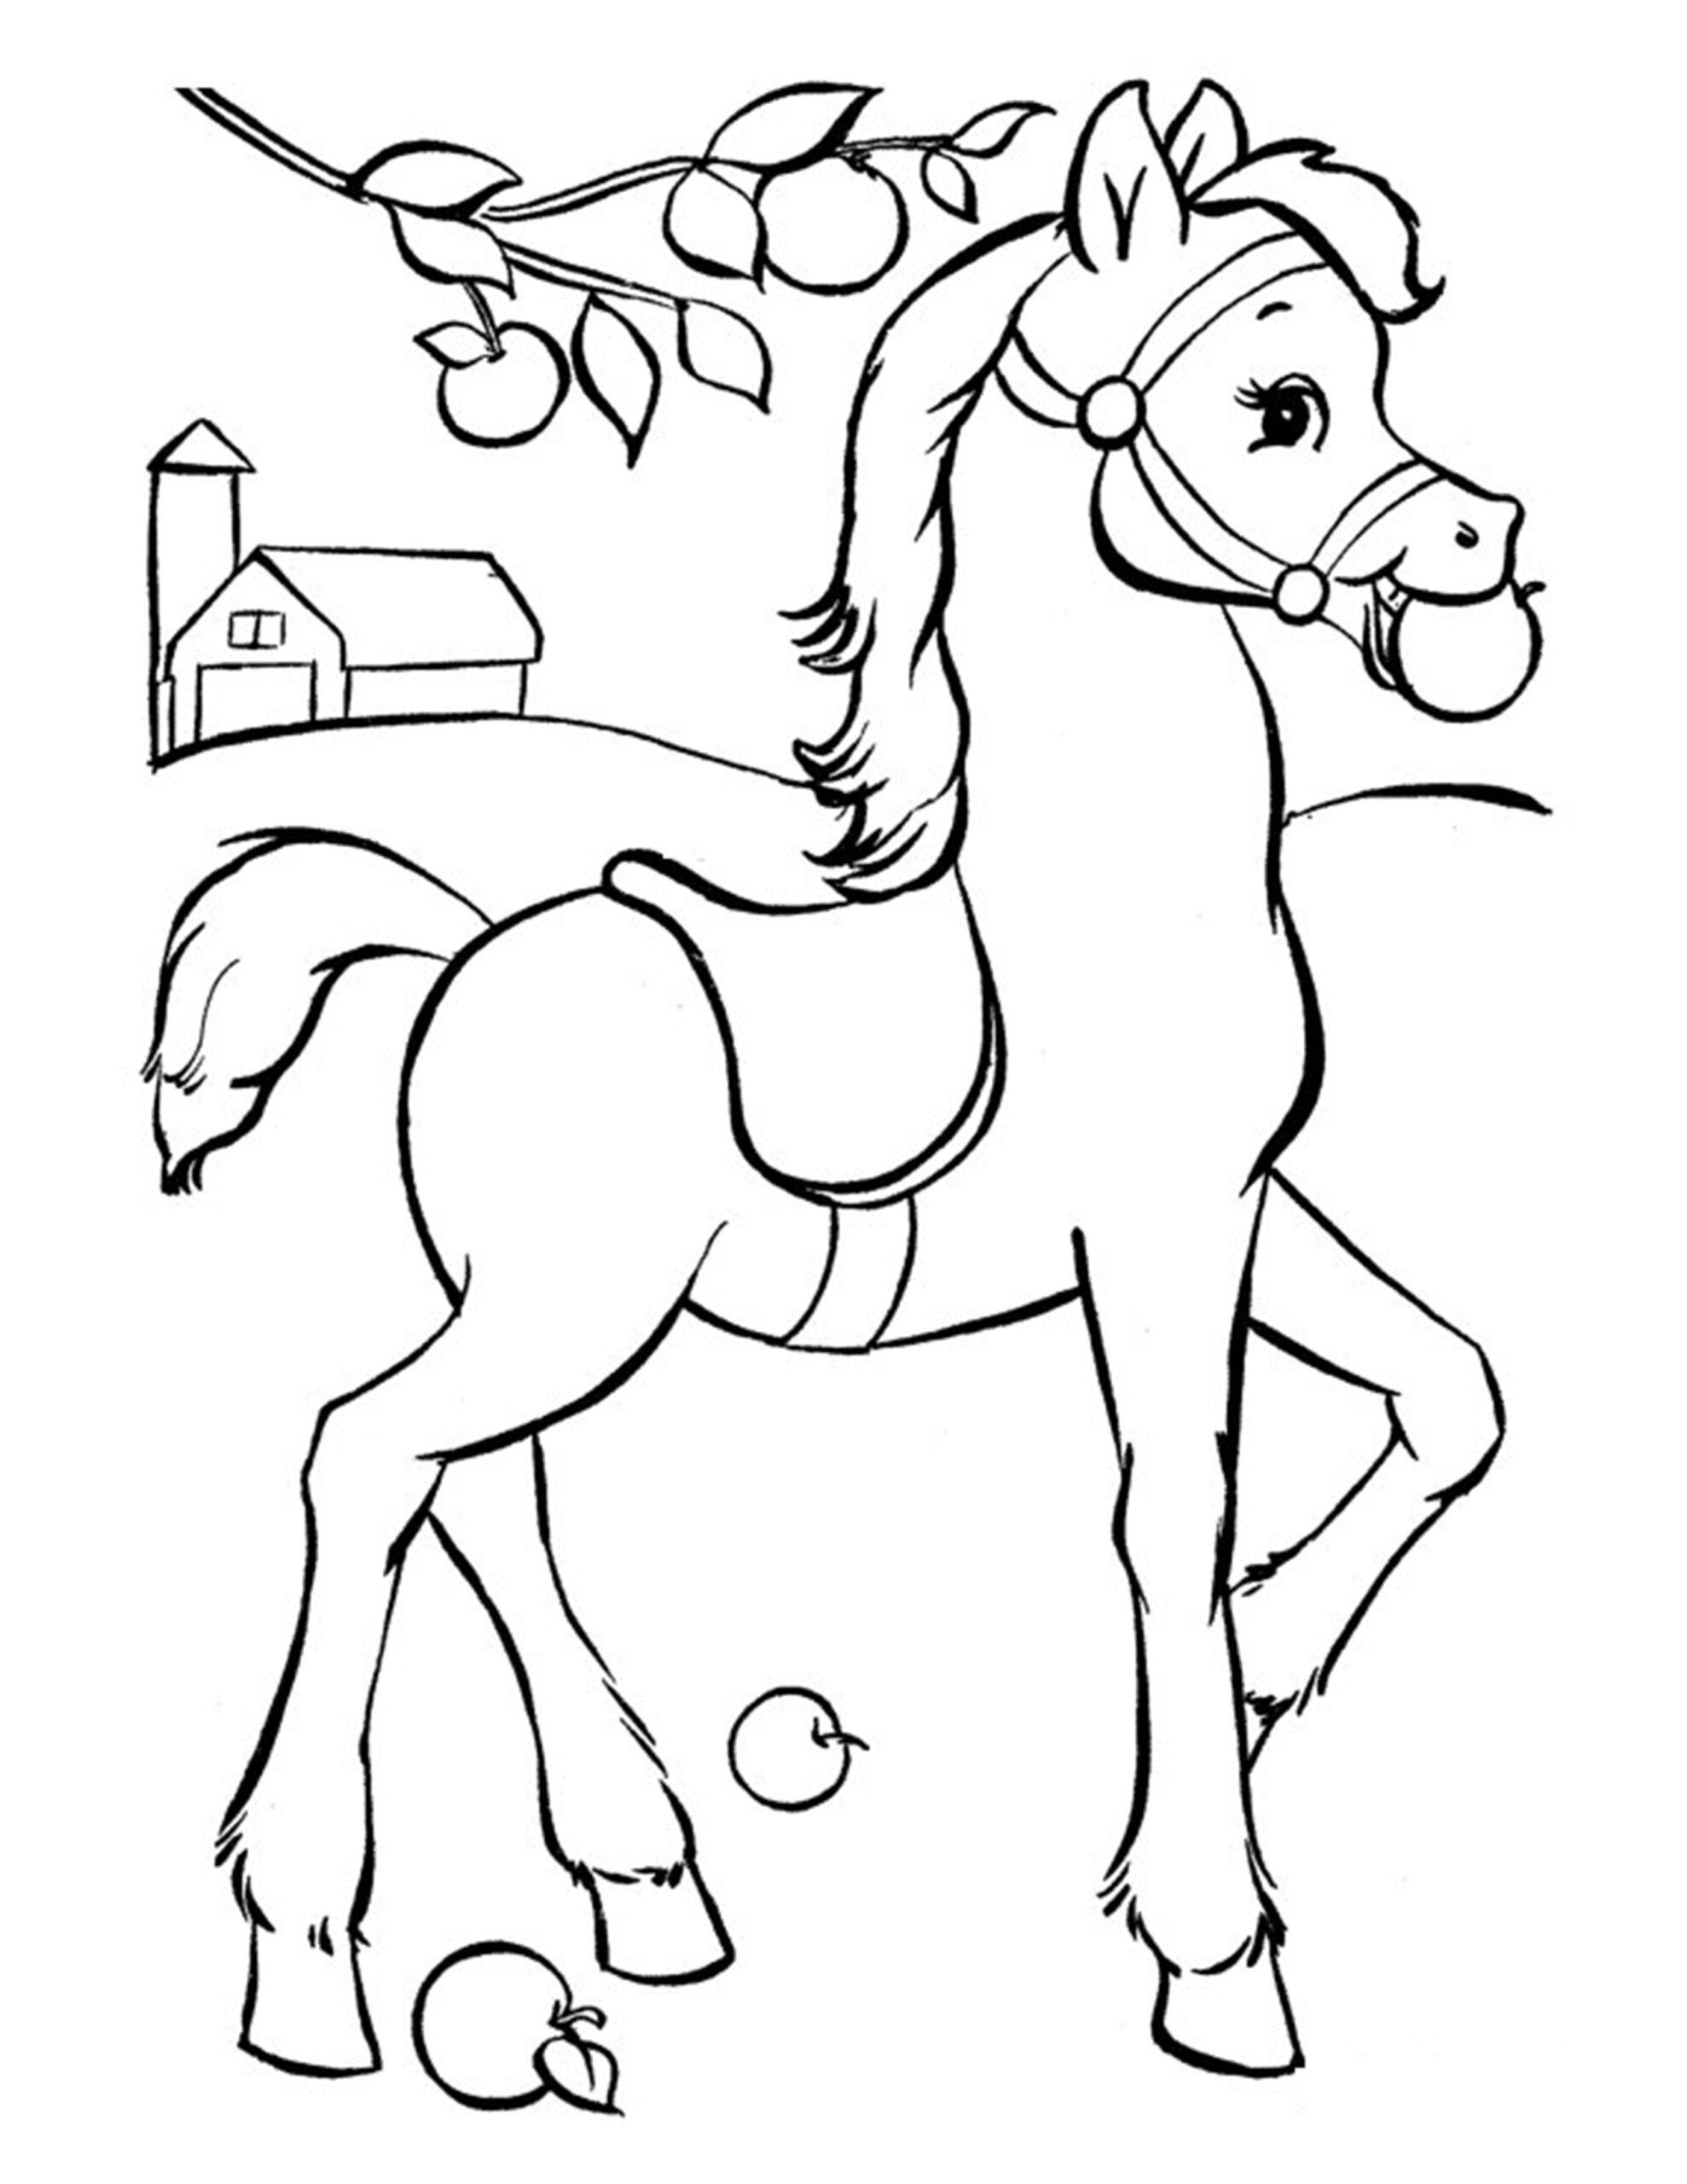 tekening paarden inkleuren